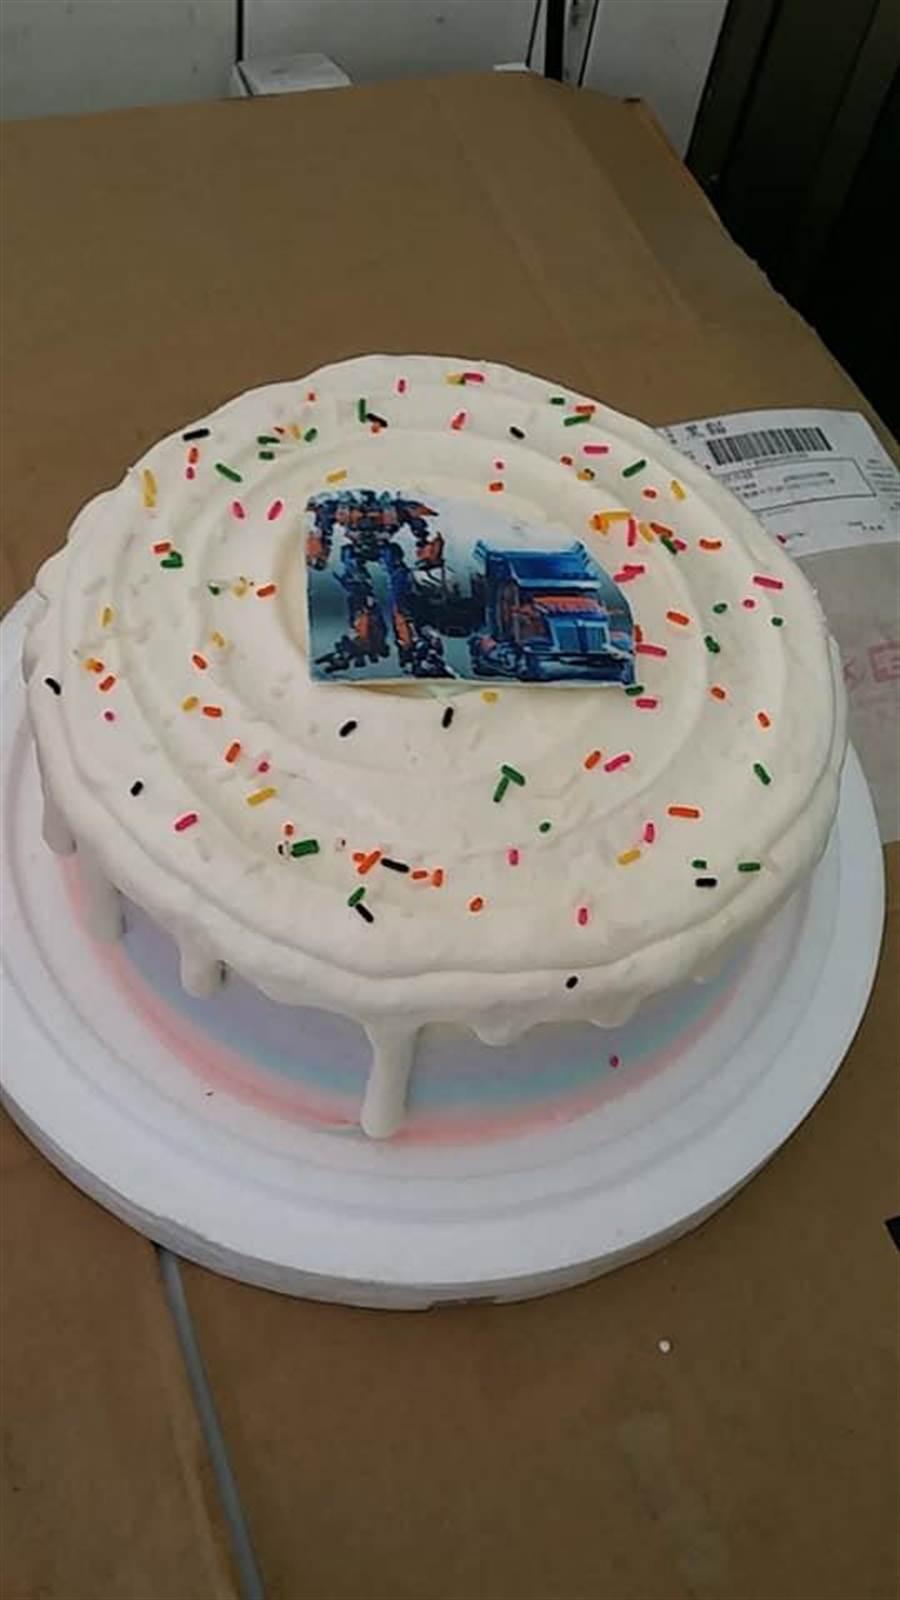 沒想到收到的蛋糕上面竟只有一片印有變形金剛圖案的巧克力(圖/翻攝自《爆怨公社》)